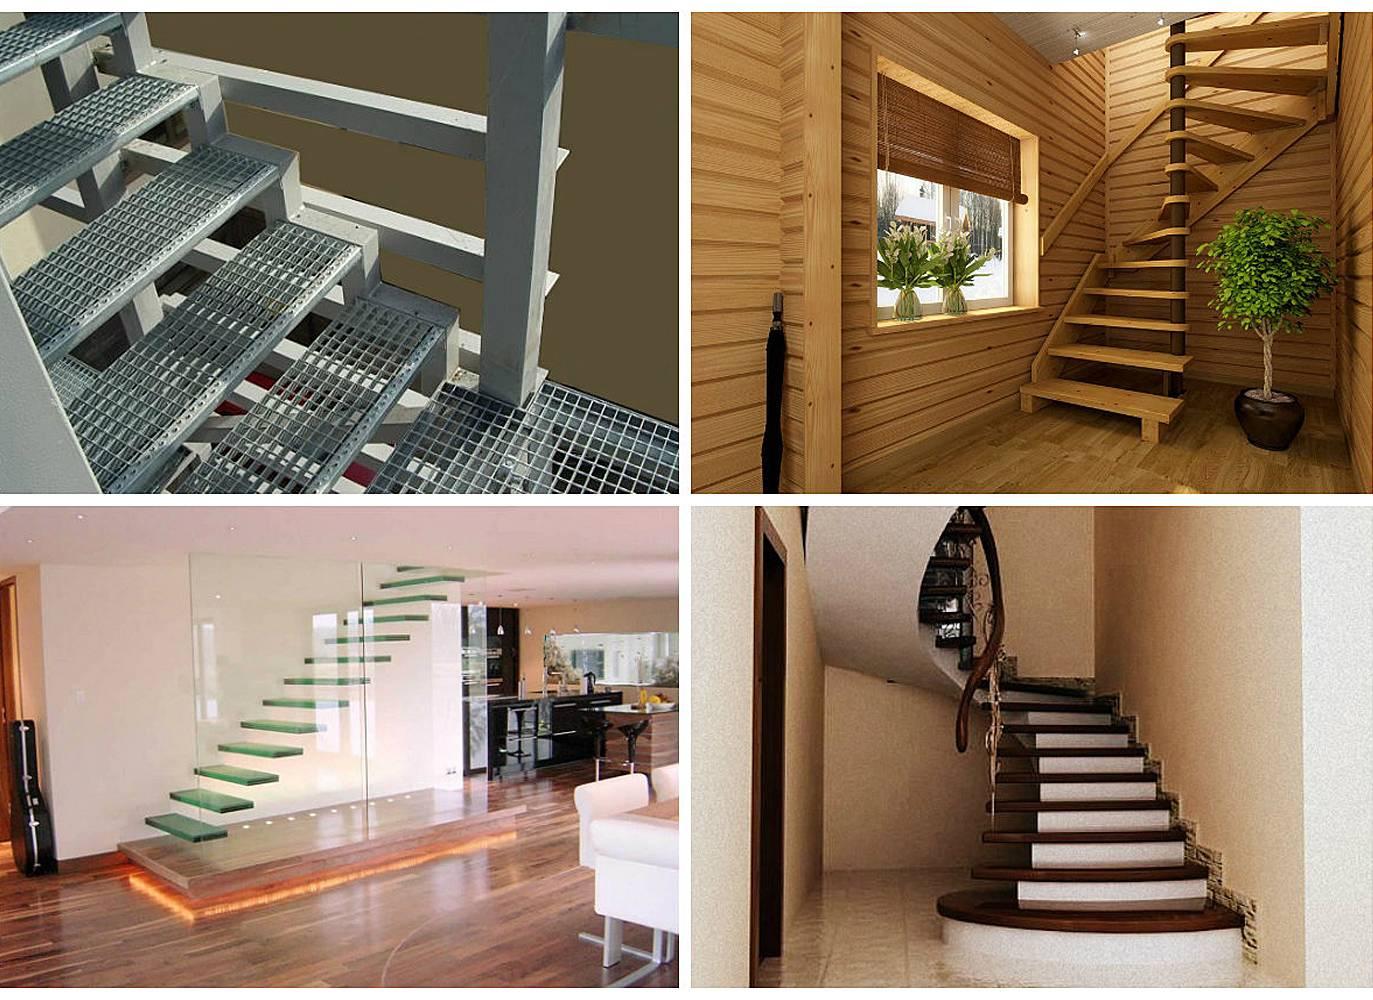 Лестничный пролет (57 фото): что это такое, дизайн лестницы частном доме - выбираем люстру и штору, тонкости отделки и оформления